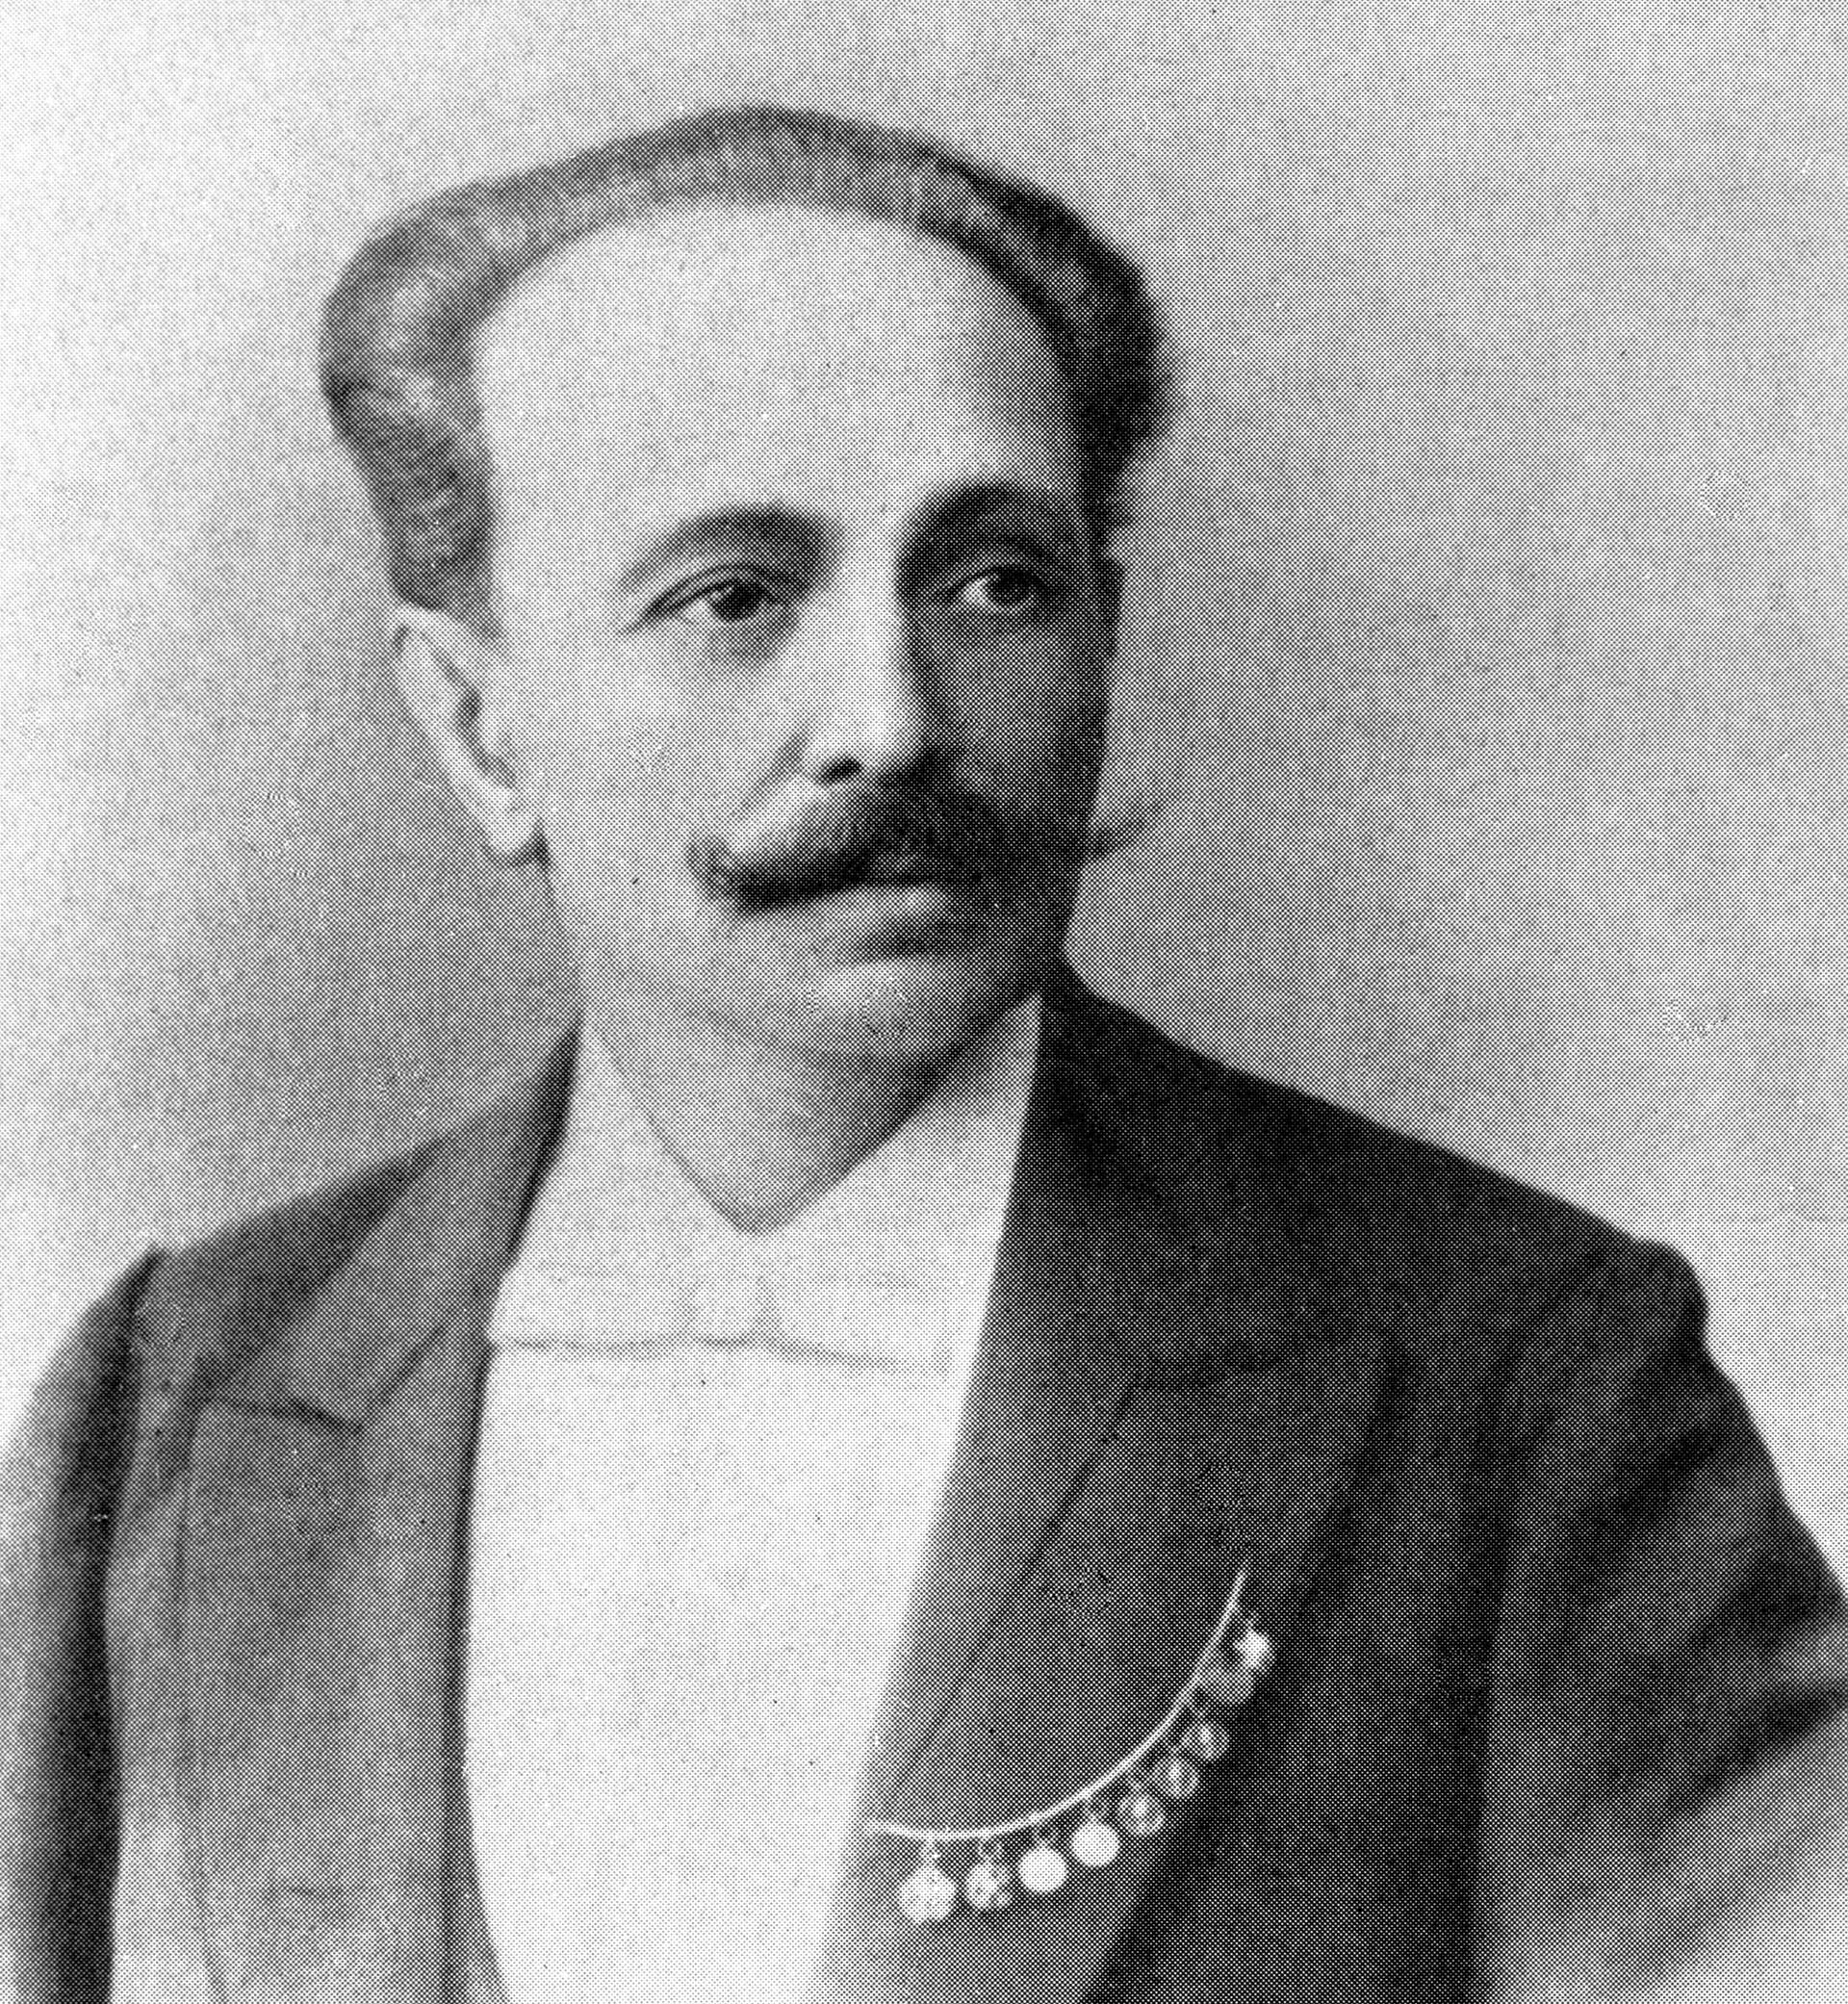 Comment le Français Marius Petipa a-t-il réussi à élever la Russie au sommet du ballet?